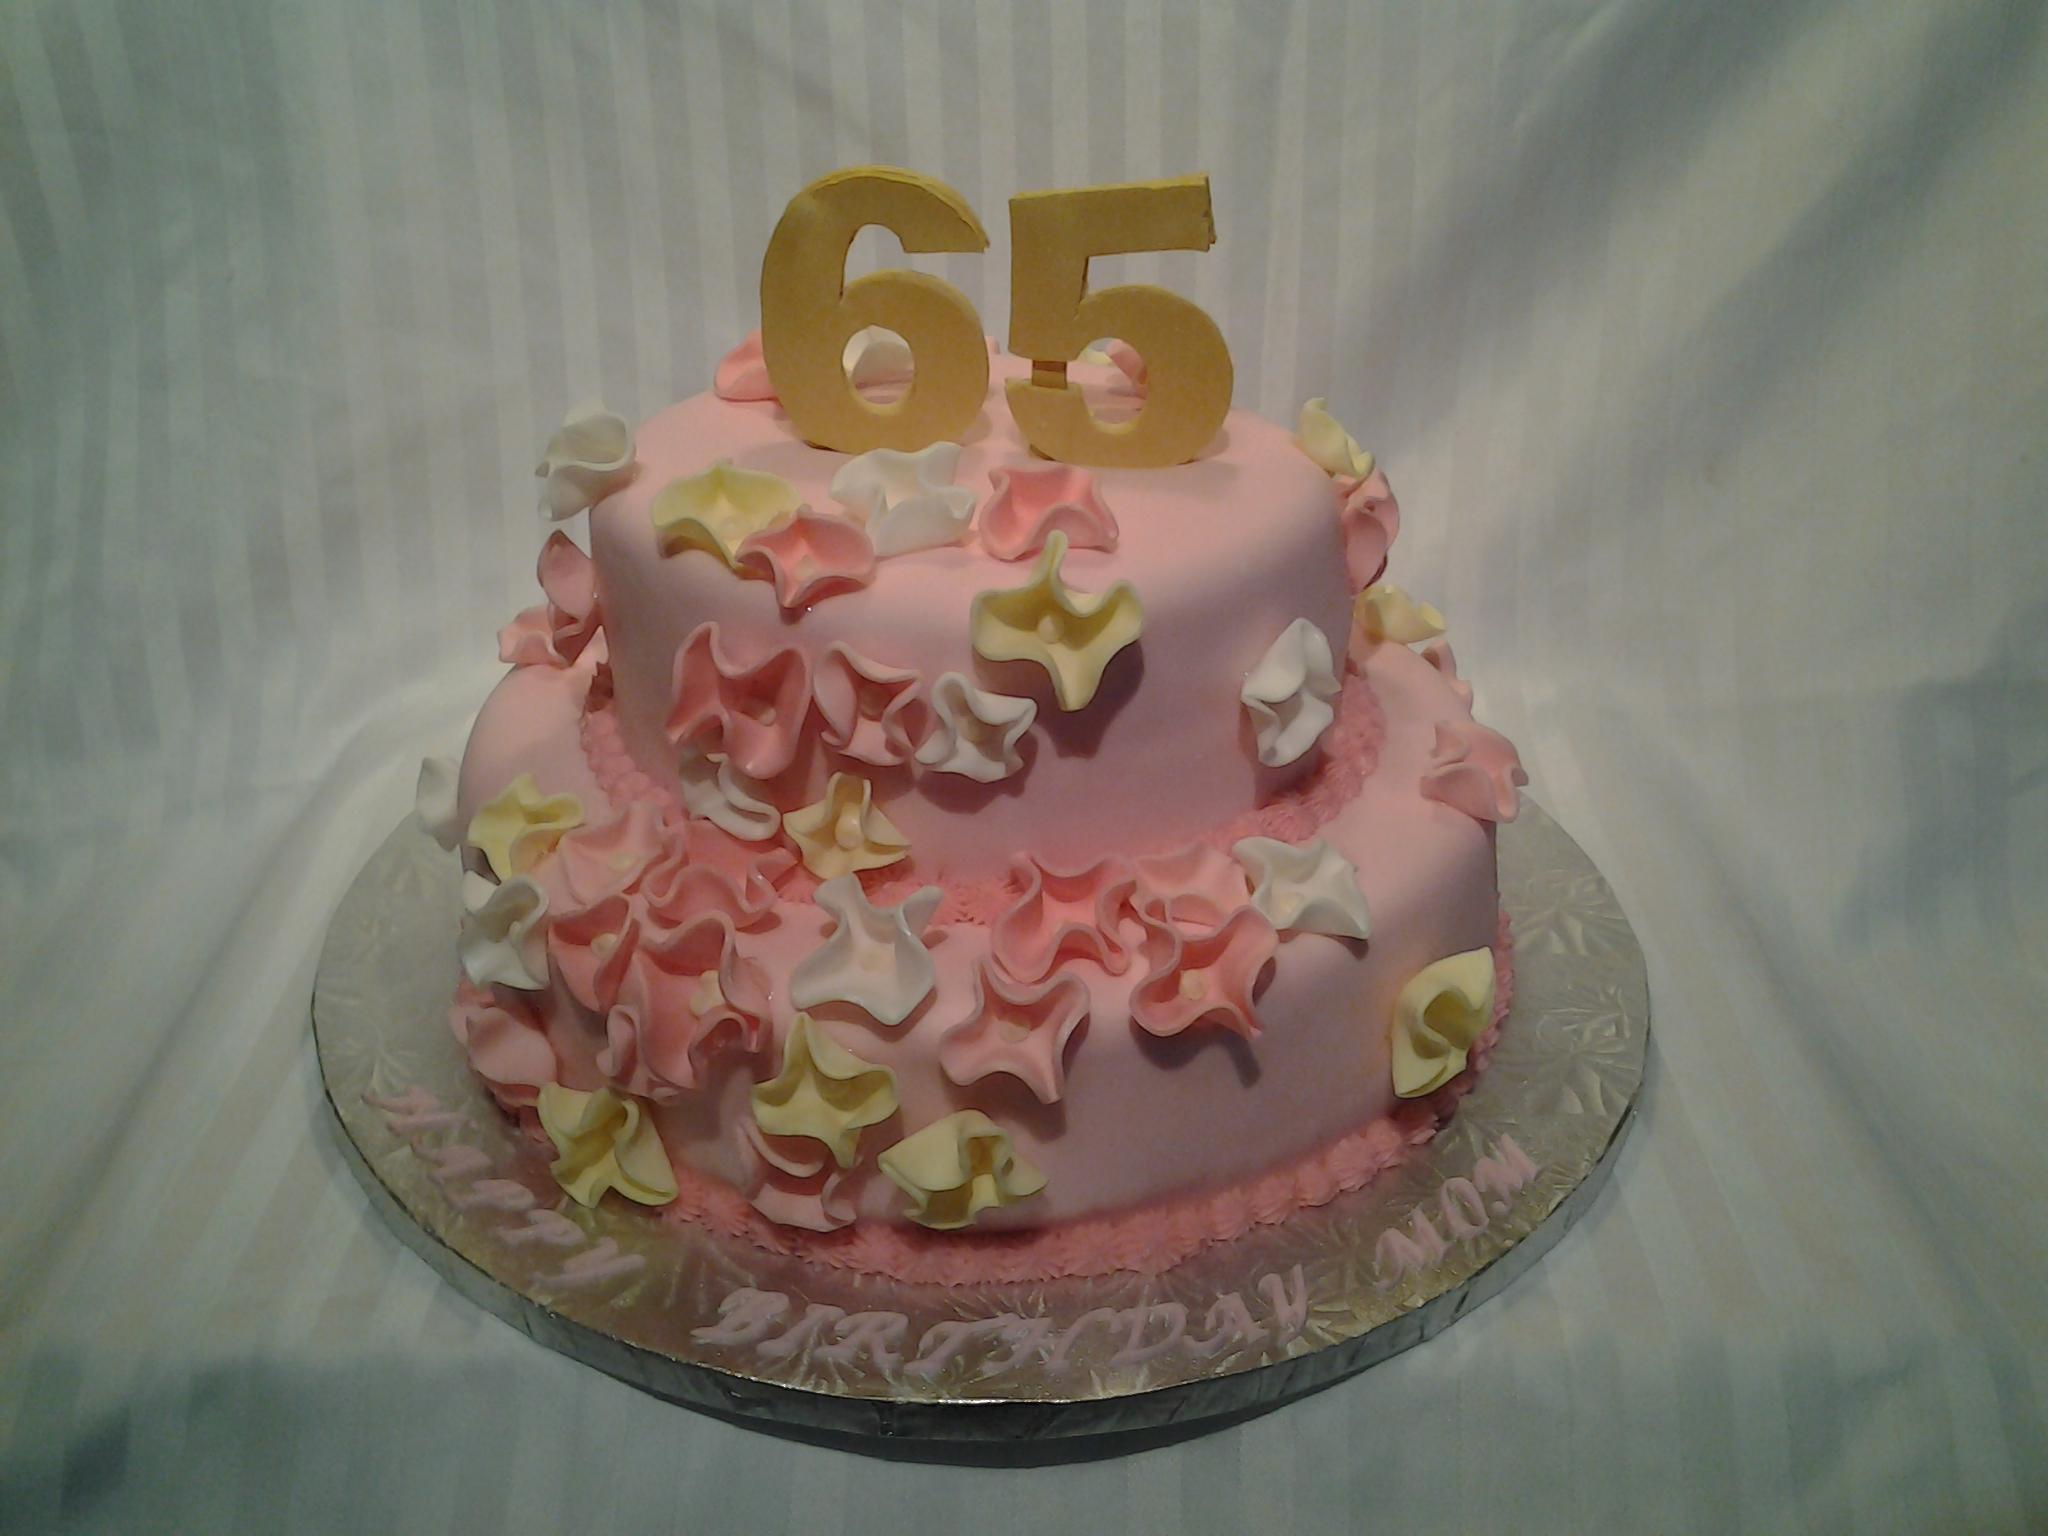 Cheap Cakes For Birthdays Near Me